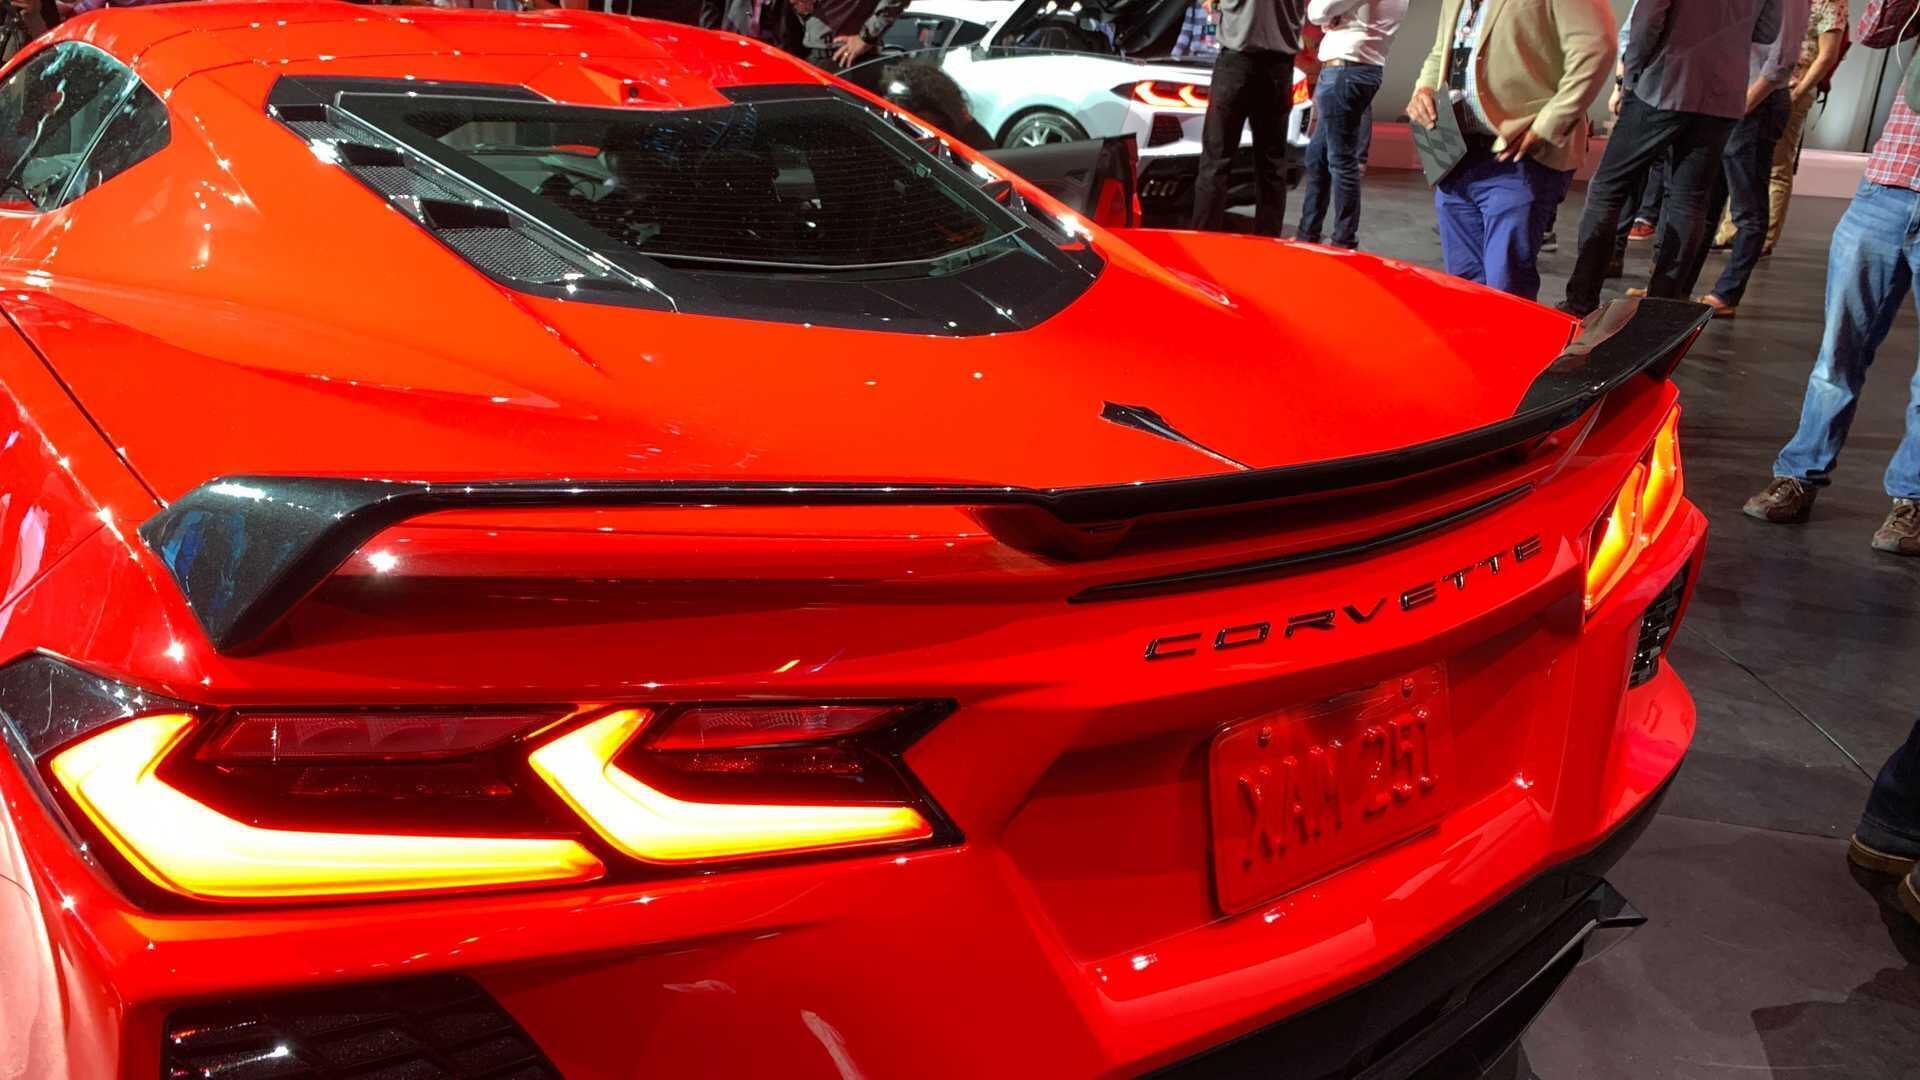 https://cdn.dailyxe.com.vn/image/chevrolet-corvette-2020-co-mot-so-tinh-nang-an-tuyet-voi-17-94523j2.jpg